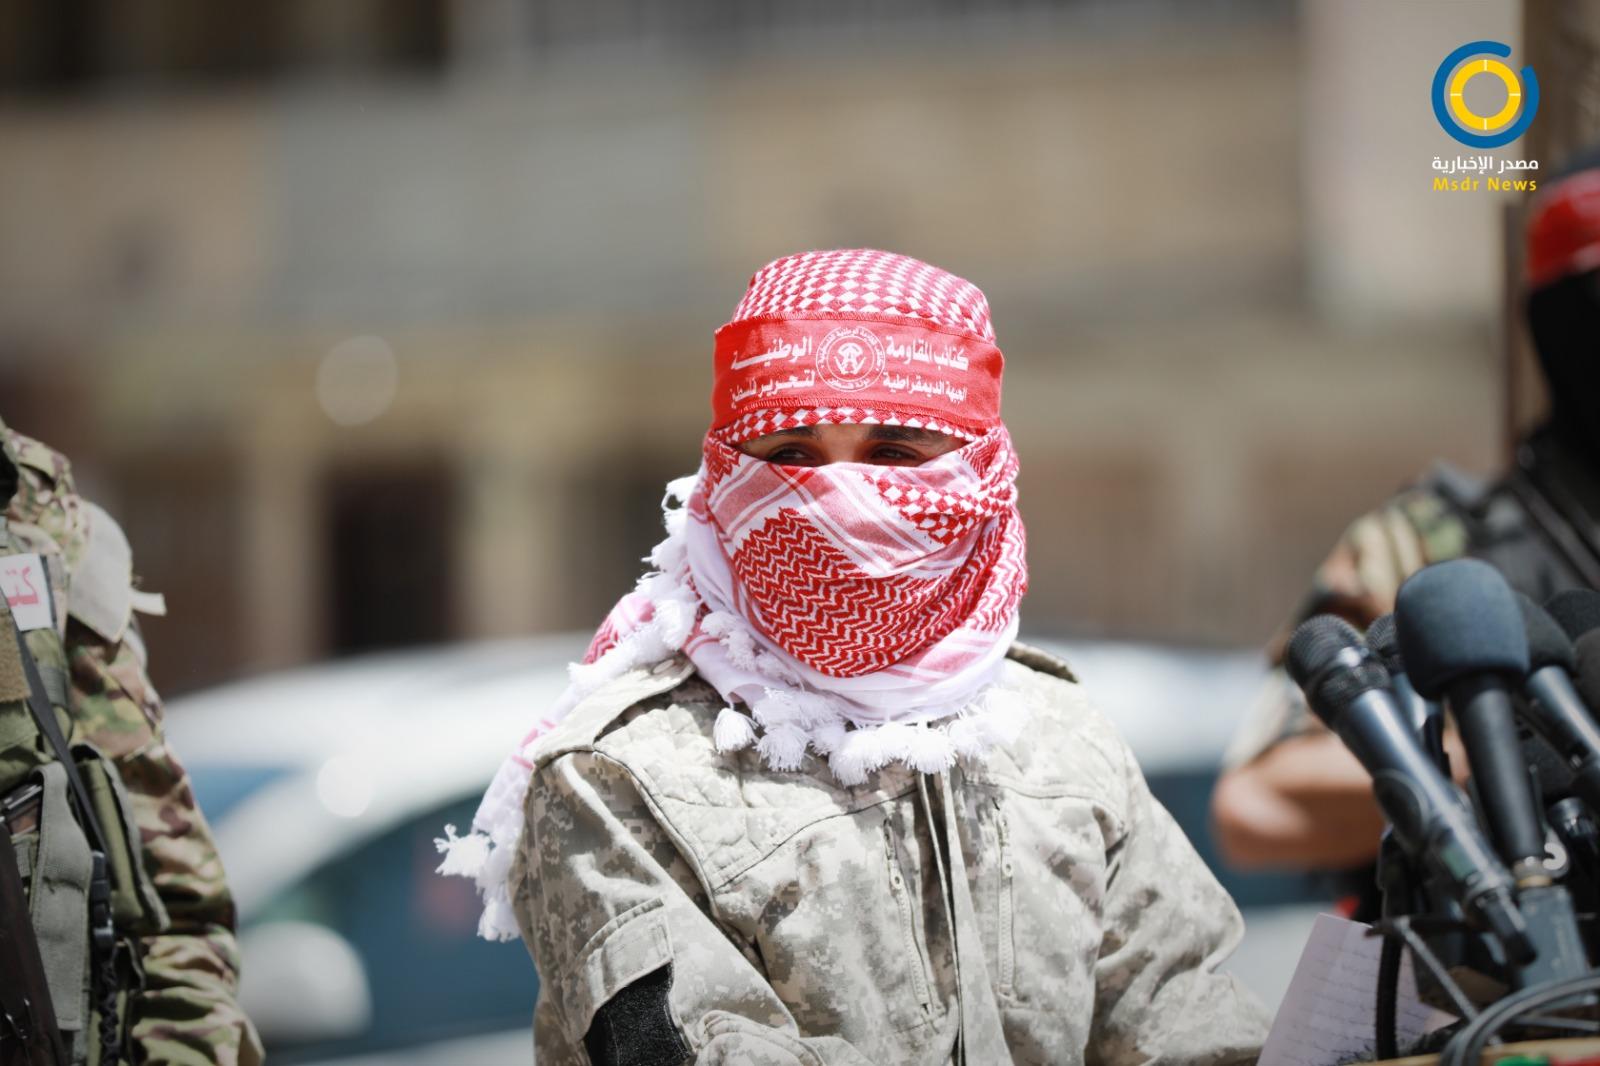 كتائب المقاومة الوطنية: نتابع عن كثب مجريات أحداث القدس